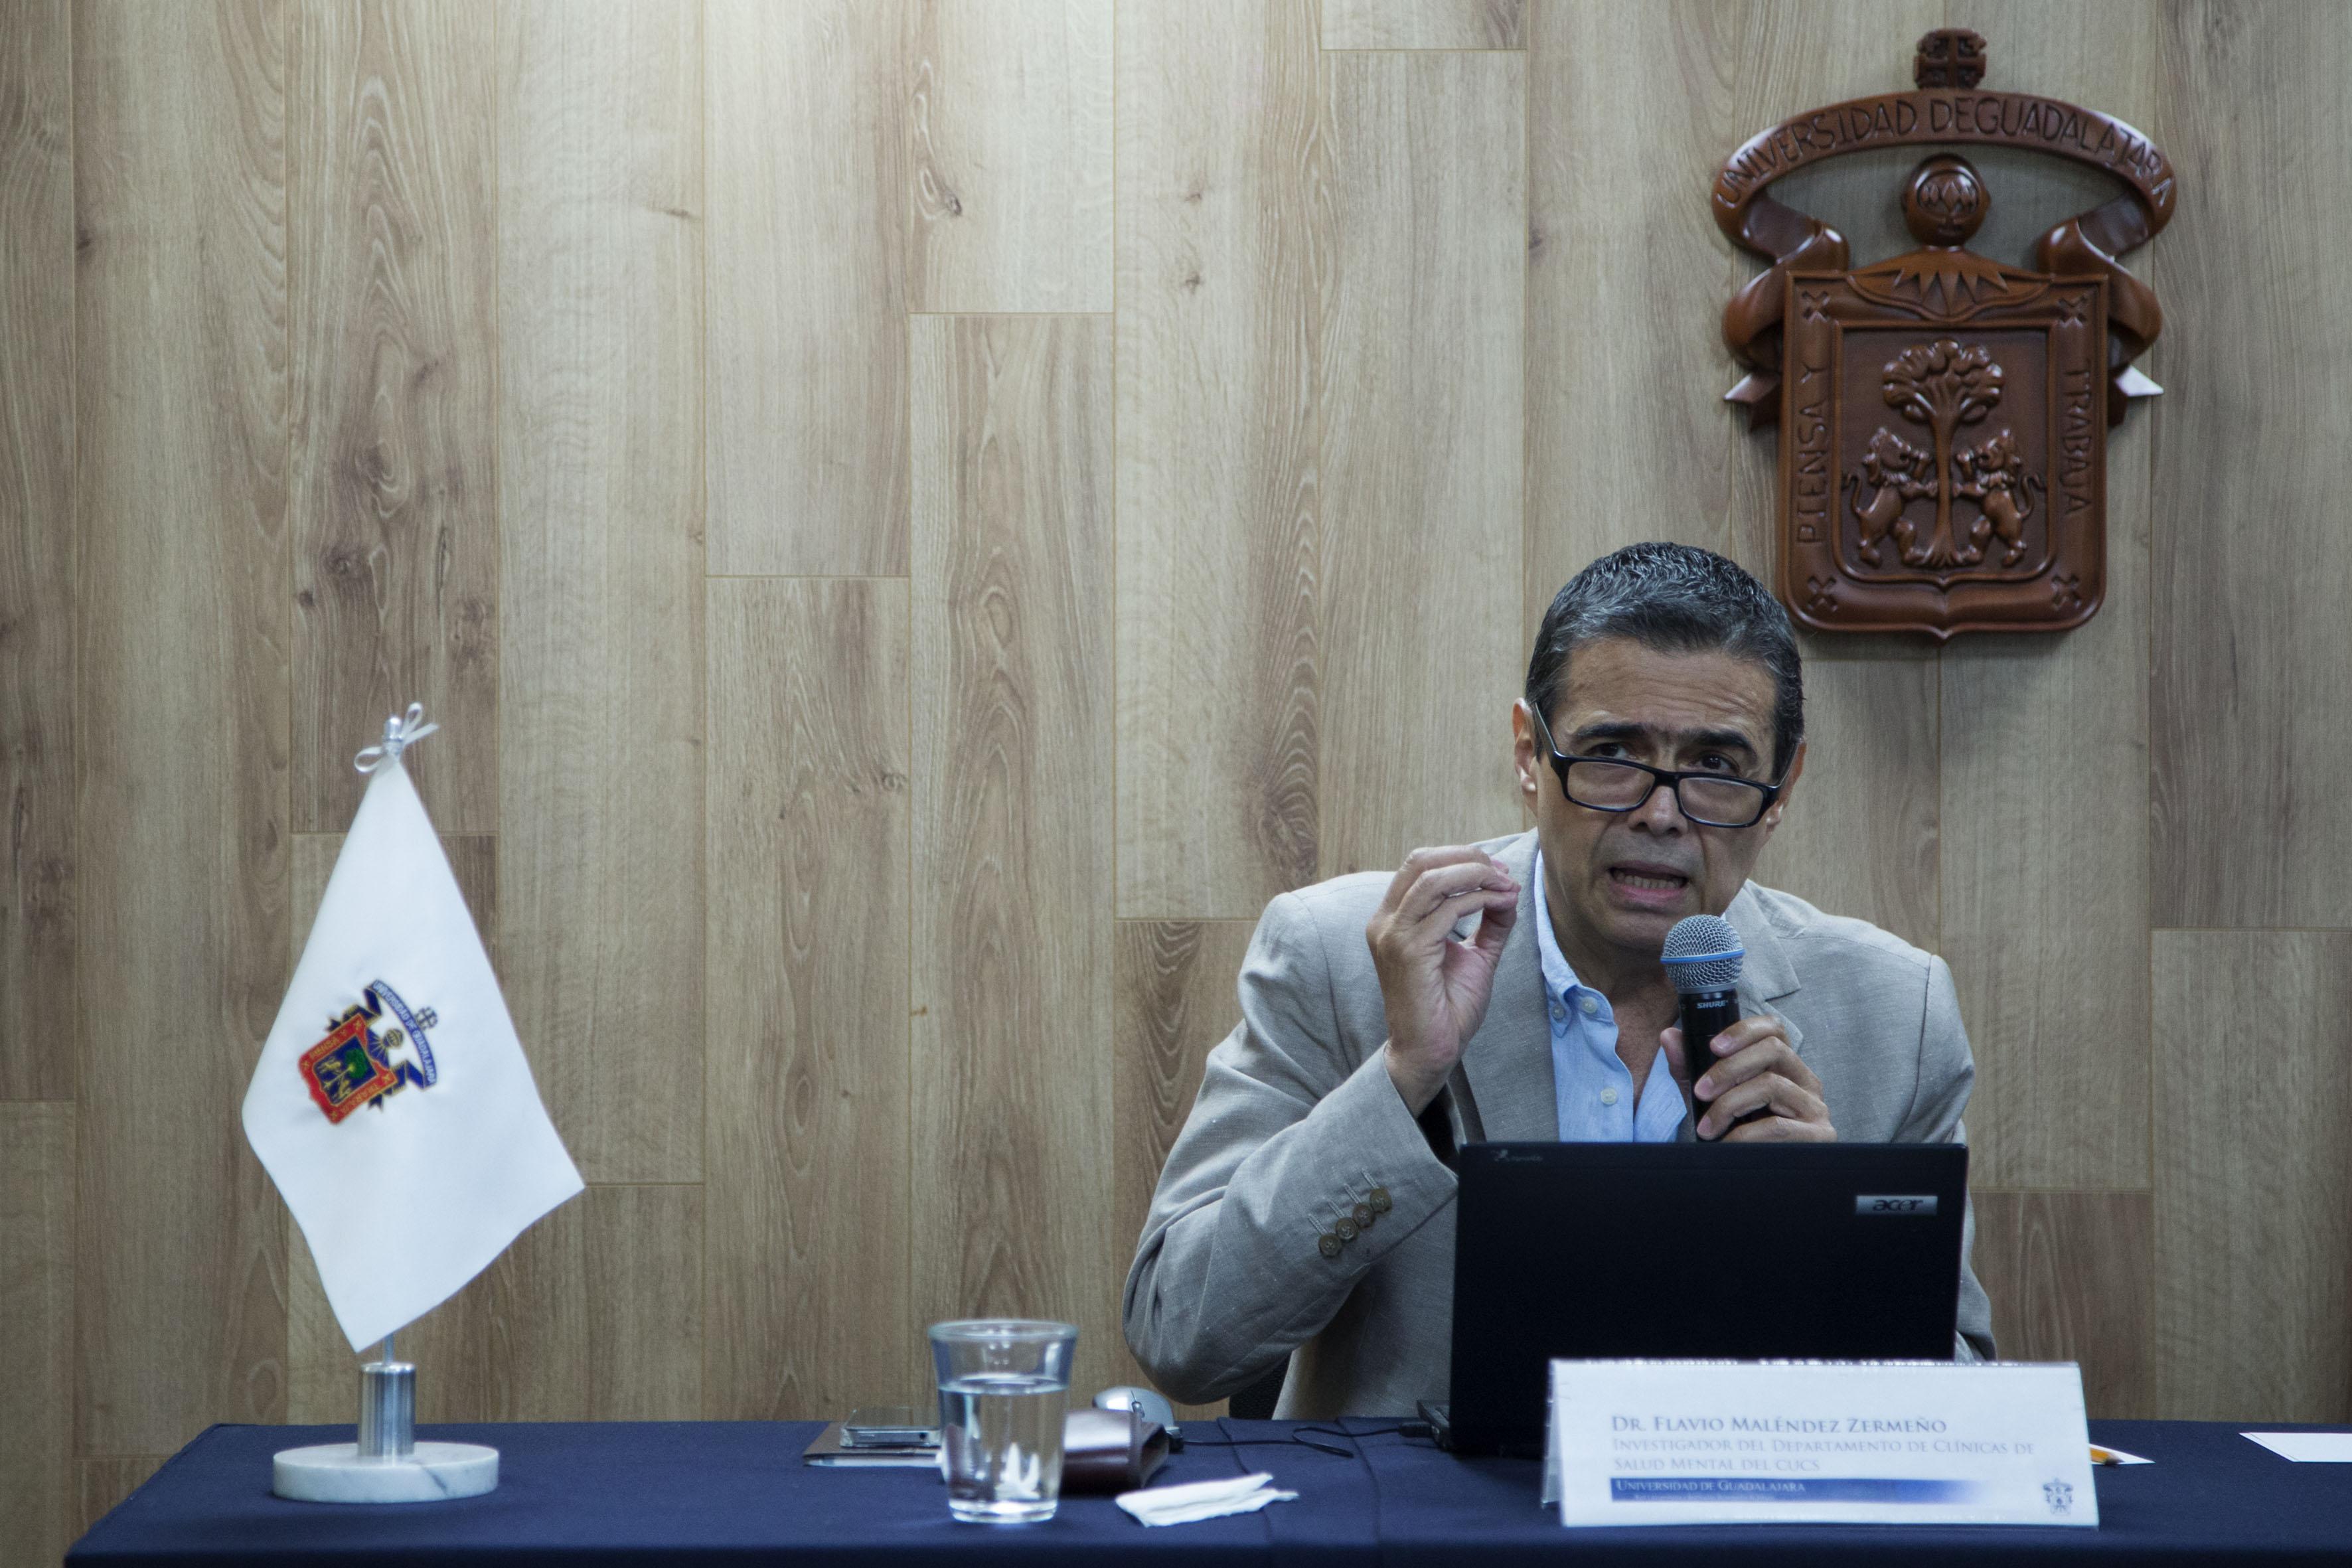 doctor Flavio Melendez Zermeño Haciendo uso de la palabra